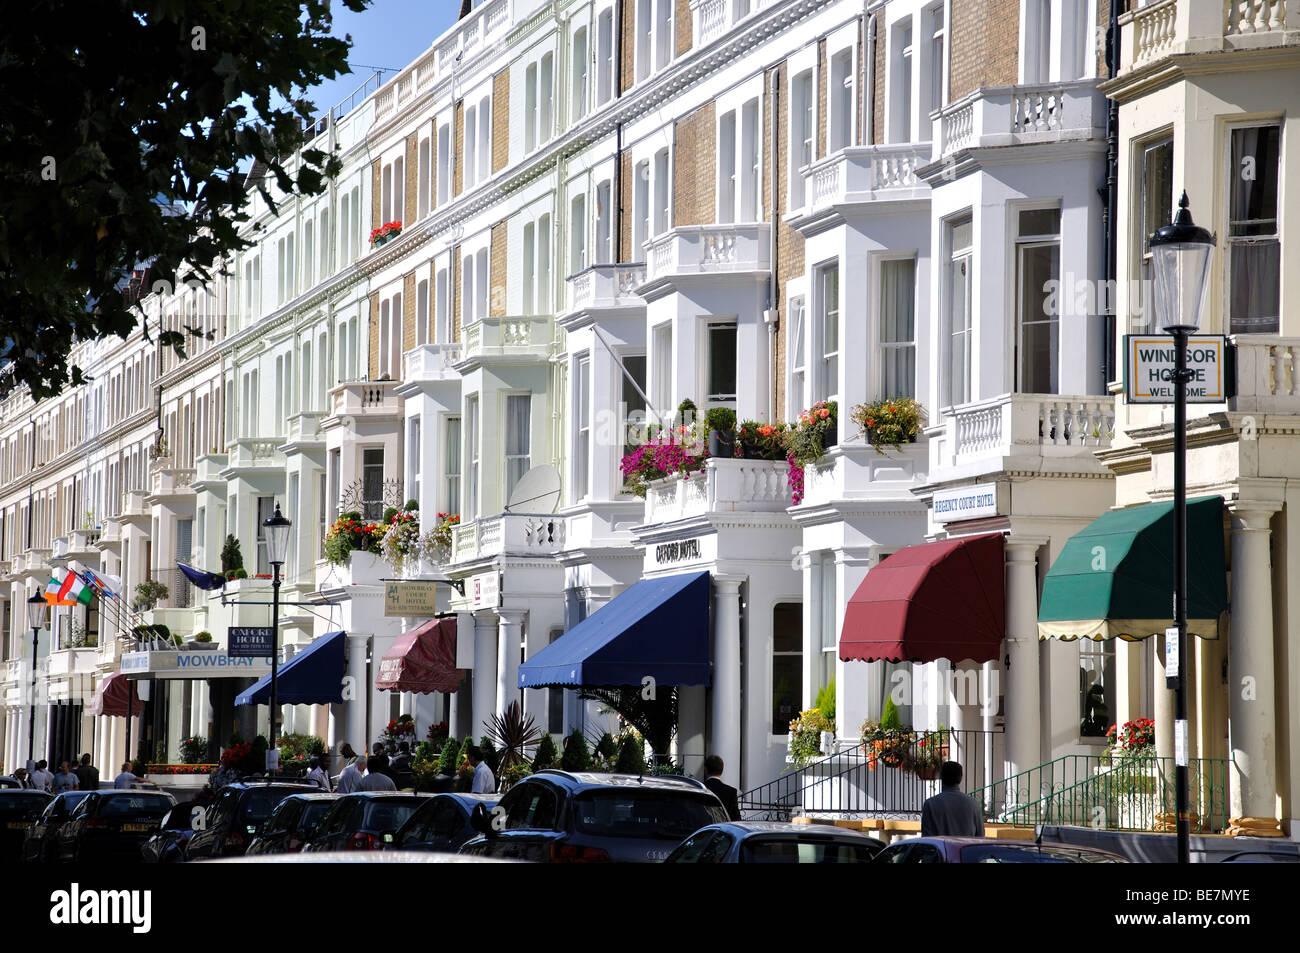 Hotels In London Kensington Area